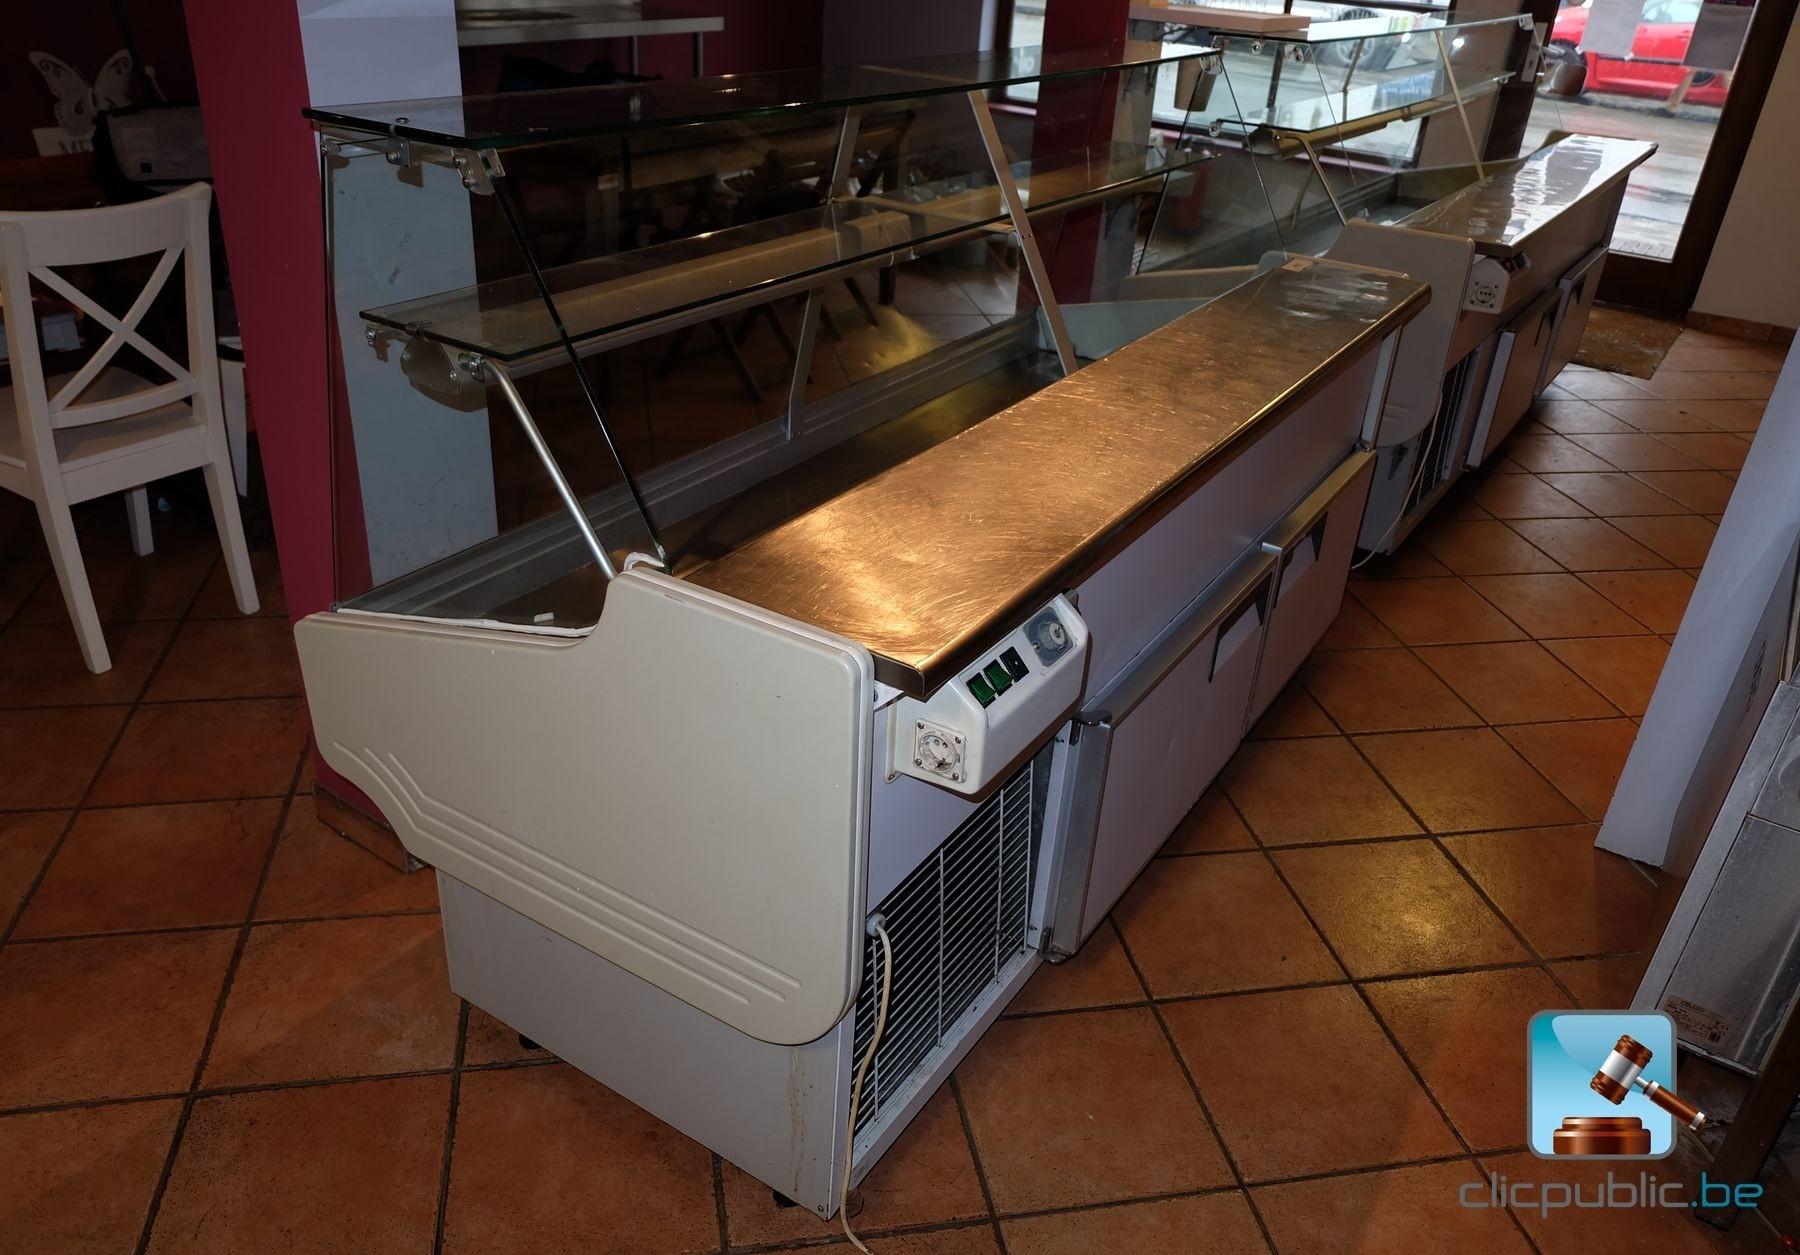 comptoir r frig r jordao cooling system ref 9 vendre. Black Bedroom Furniture Sets. Home Design Ideas